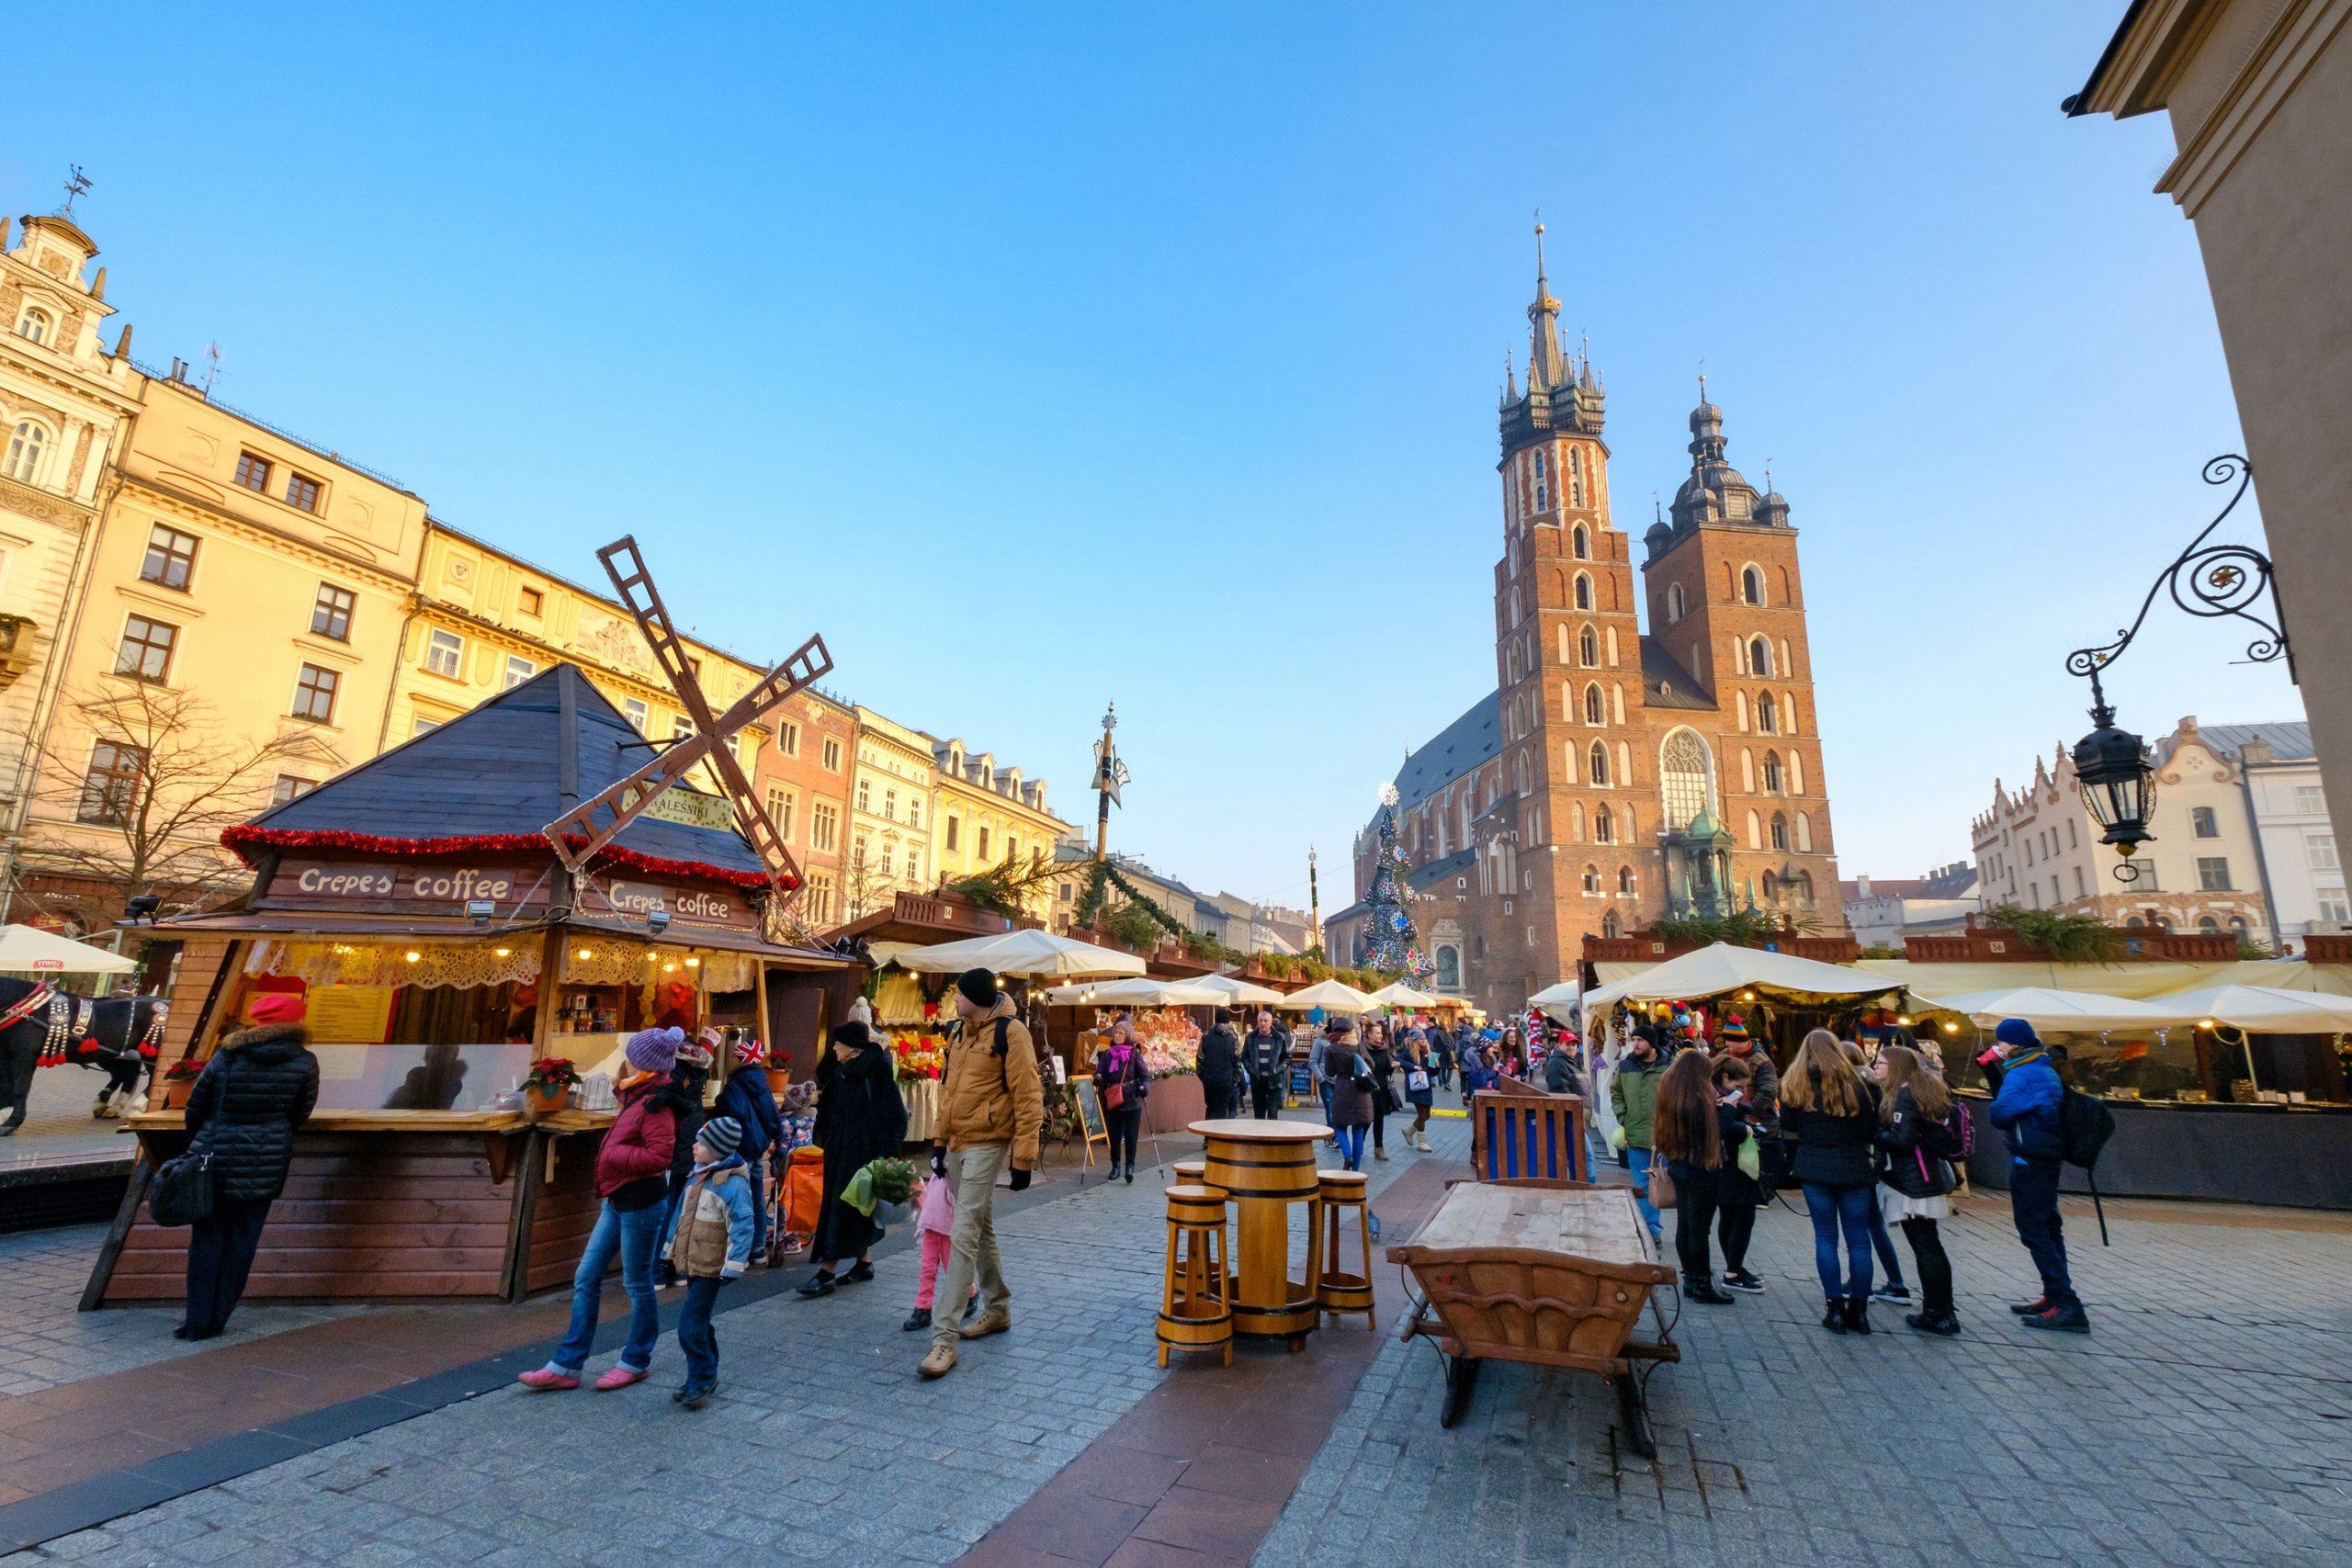 Julemarked Krakow Rynek Glowny